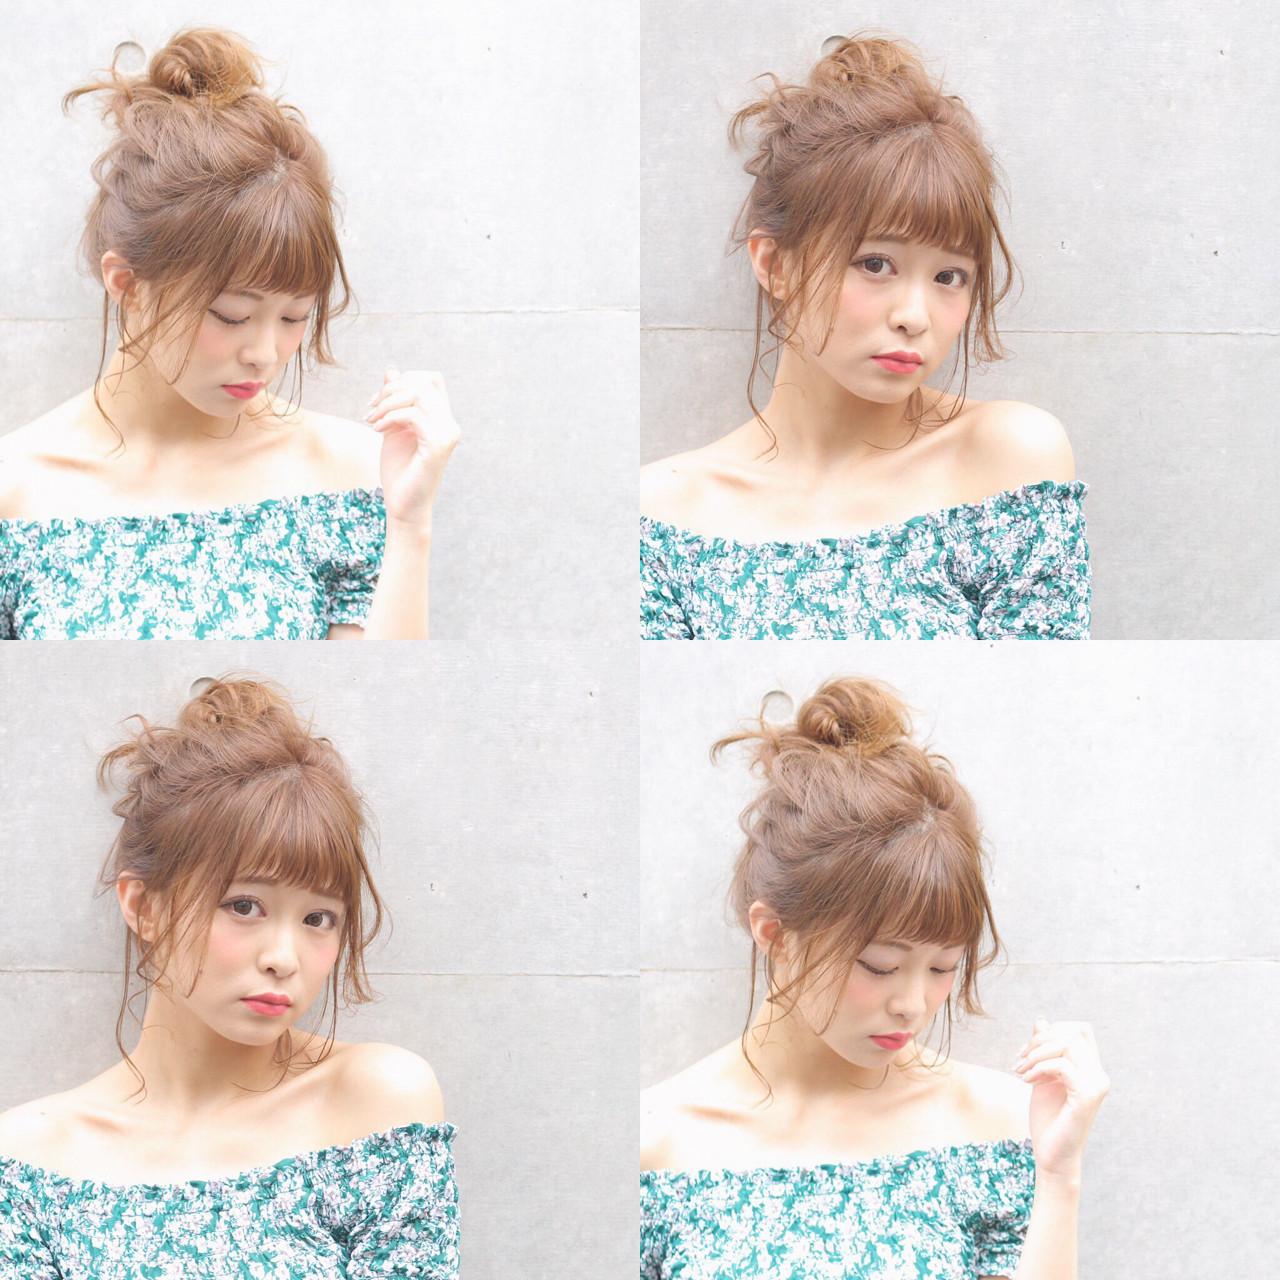 愛され女子の共通点はミディアム?こんなかわいい髪型見たことない♡の10枚目の画像